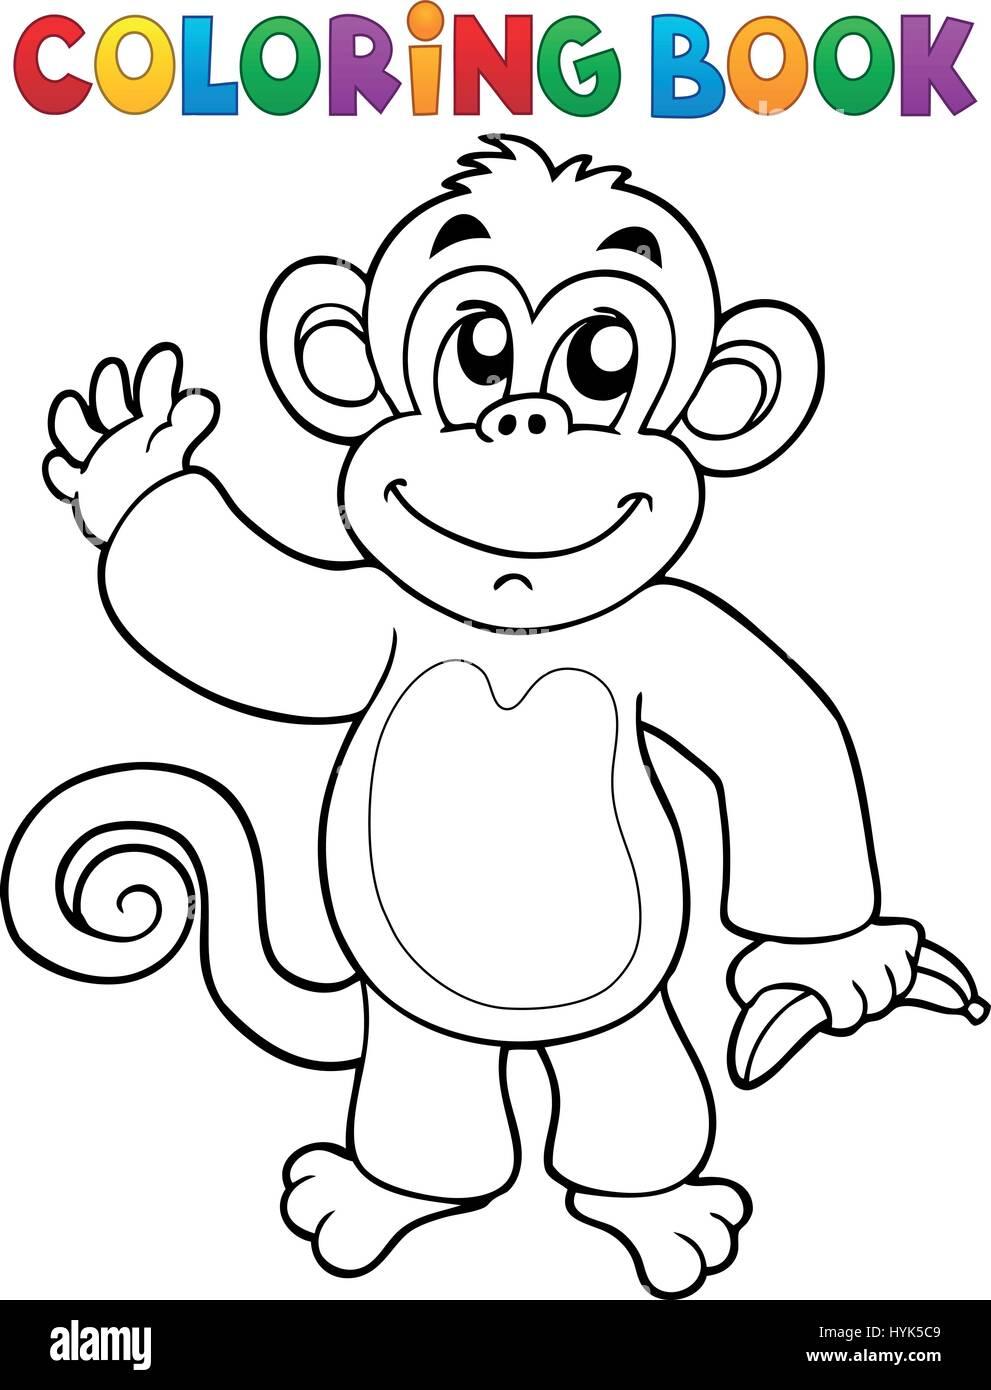 Erfreut Malvorlagen Von Affen Bilder - Druckbare Malvorlagen ...